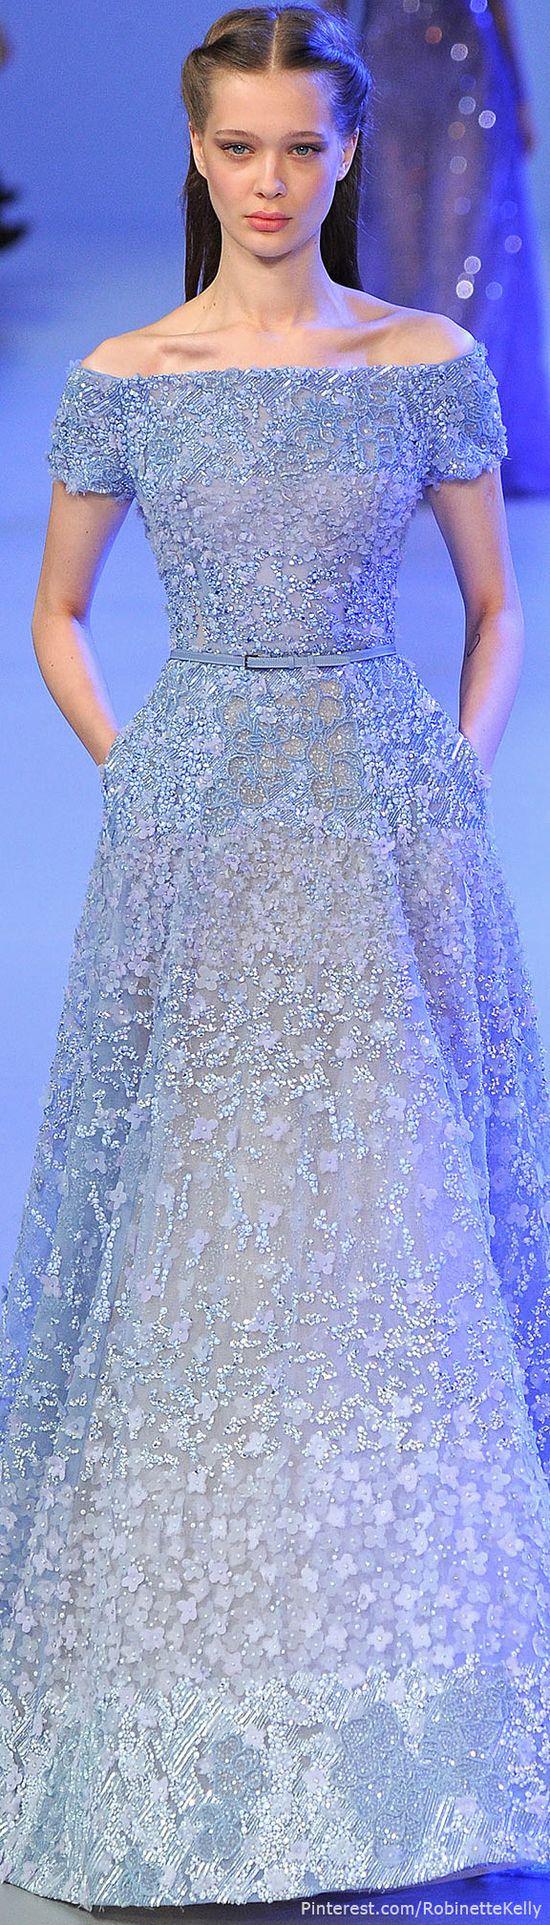 Bridesmaid dresses shortbridesmaid dress shortelie saab haute cout